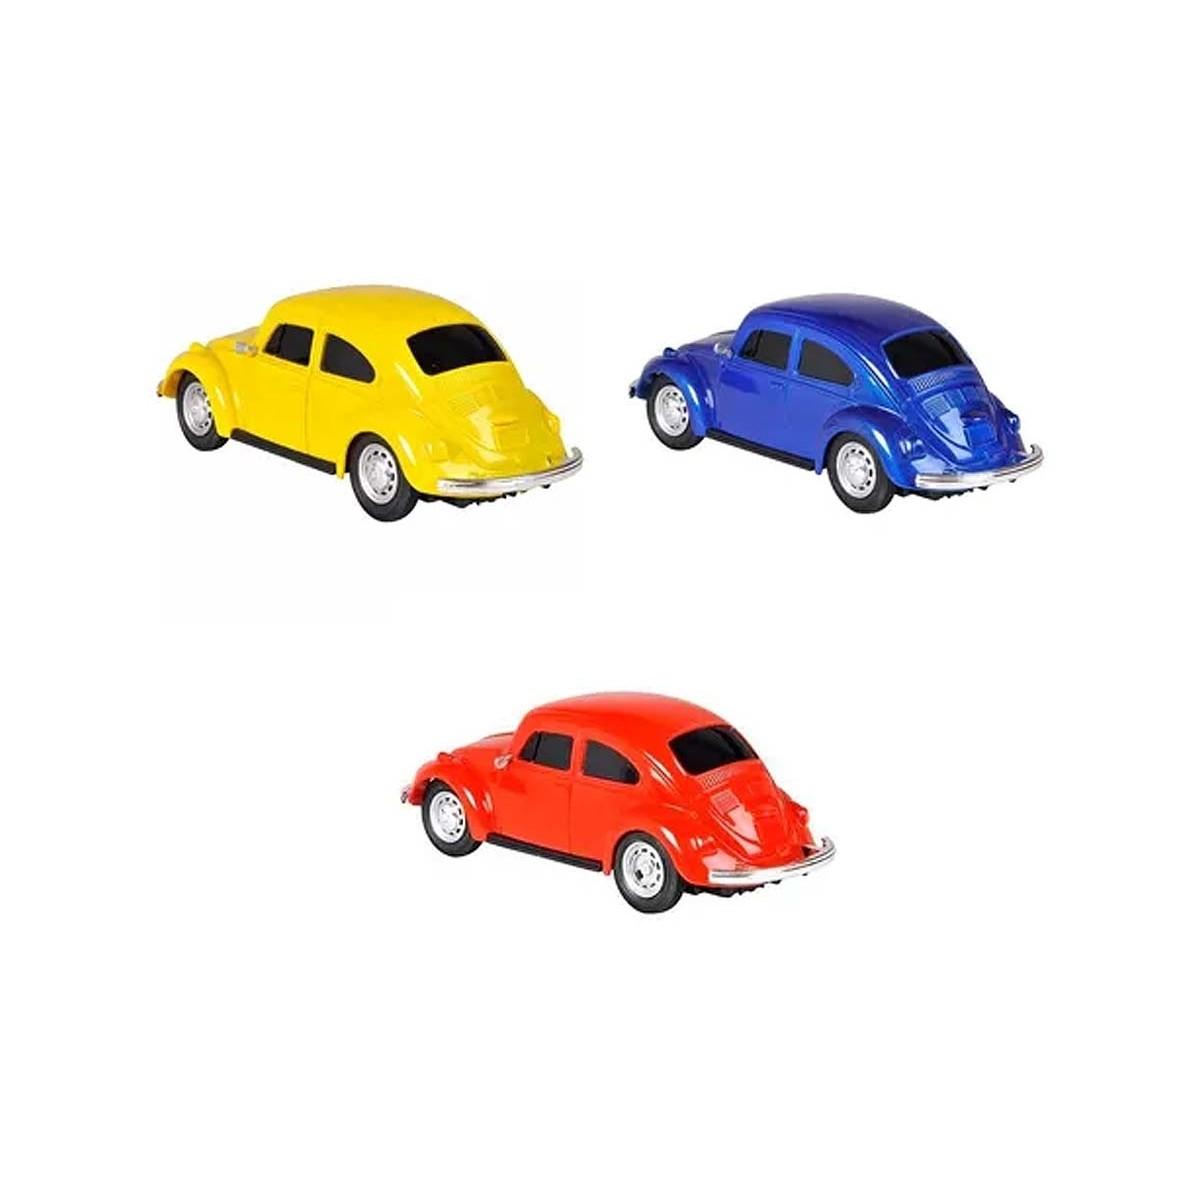 Carrinho Controle Remoto Fusca 7 Funções VW01